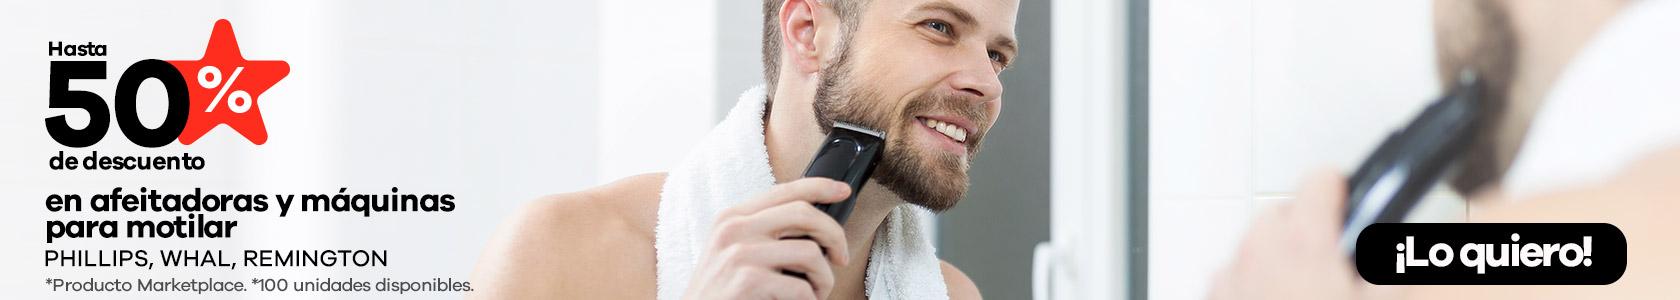 afeitadoras y máquinas para motilar